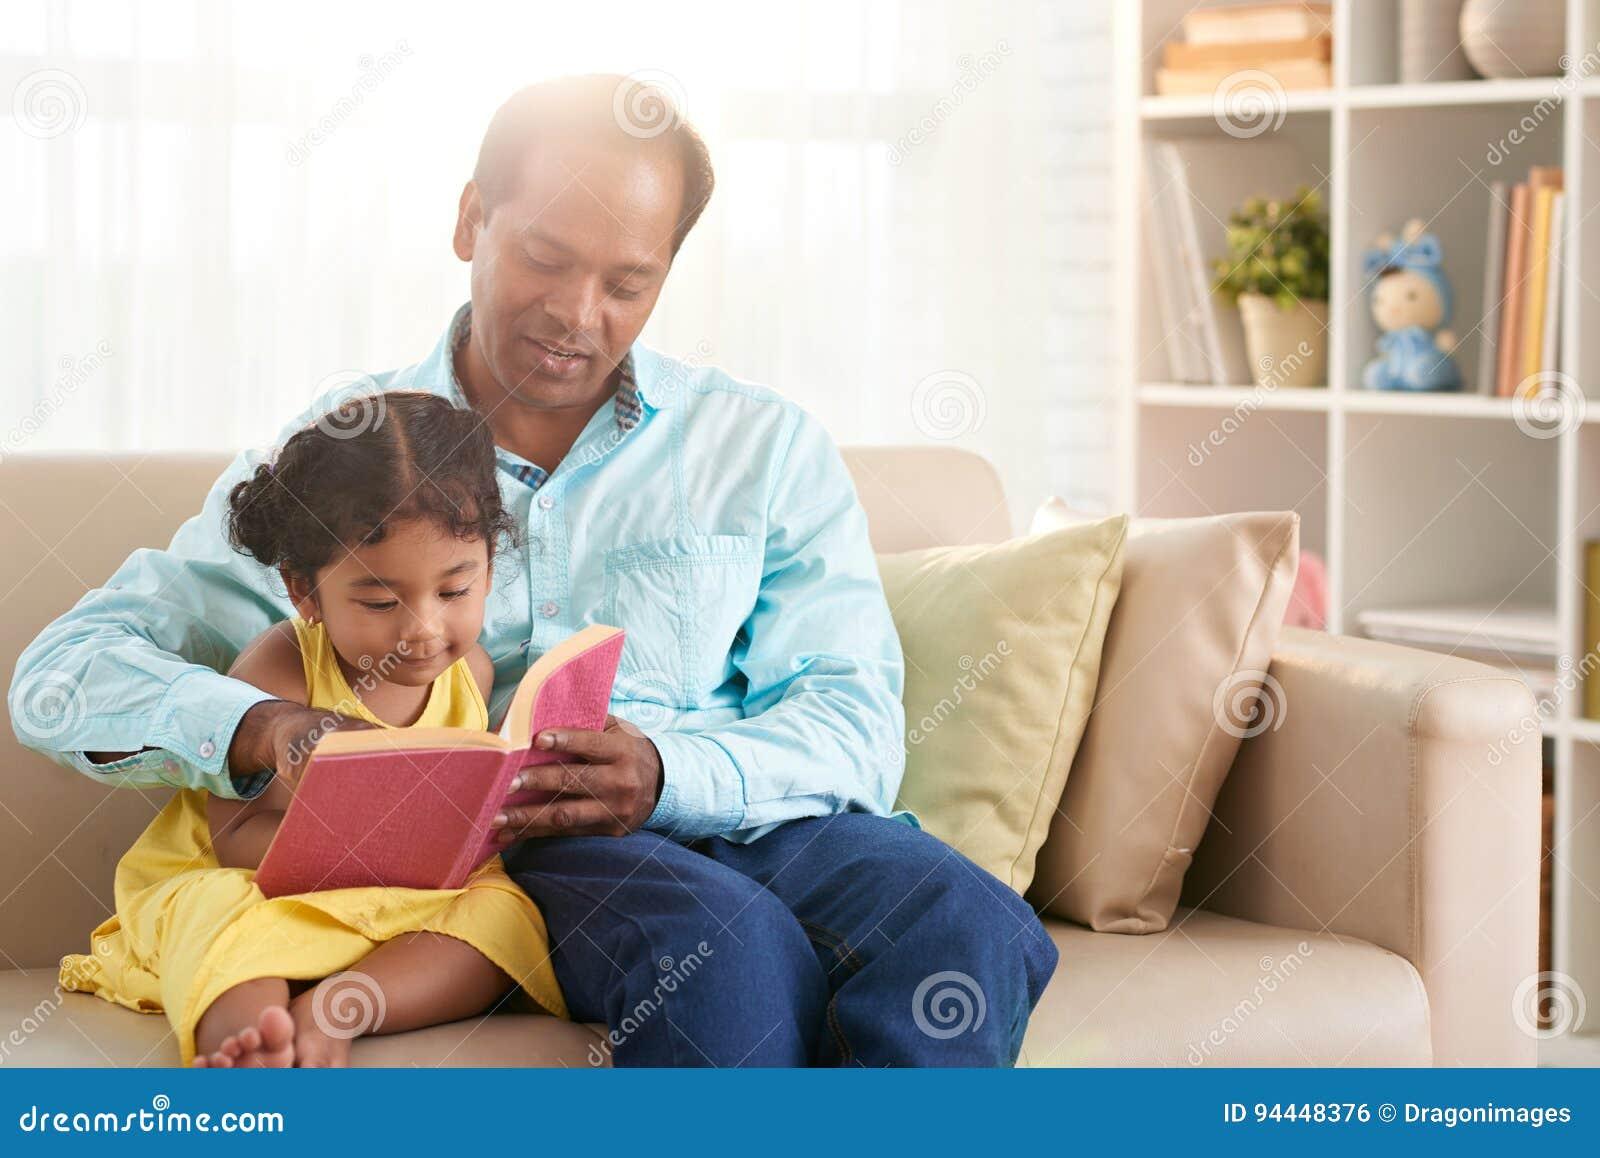 Vater Und Tochter, Die Zusammen Lesen Stockfoto - Bild von sitting ...